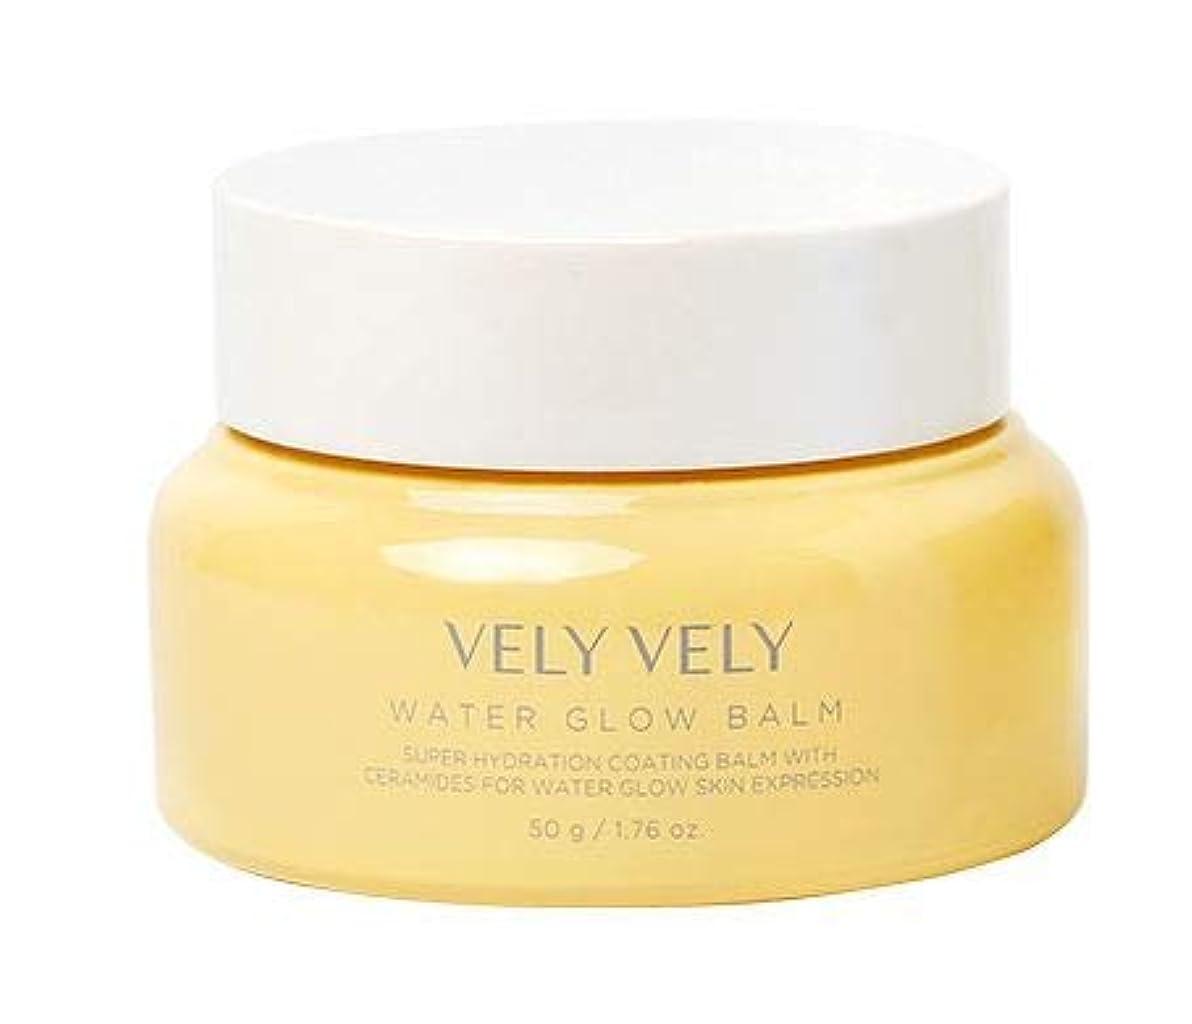 収縮軽食降伏Vely Vely Water Glow Balm(ウォーターグローバーム) 50g [並行輸入品]